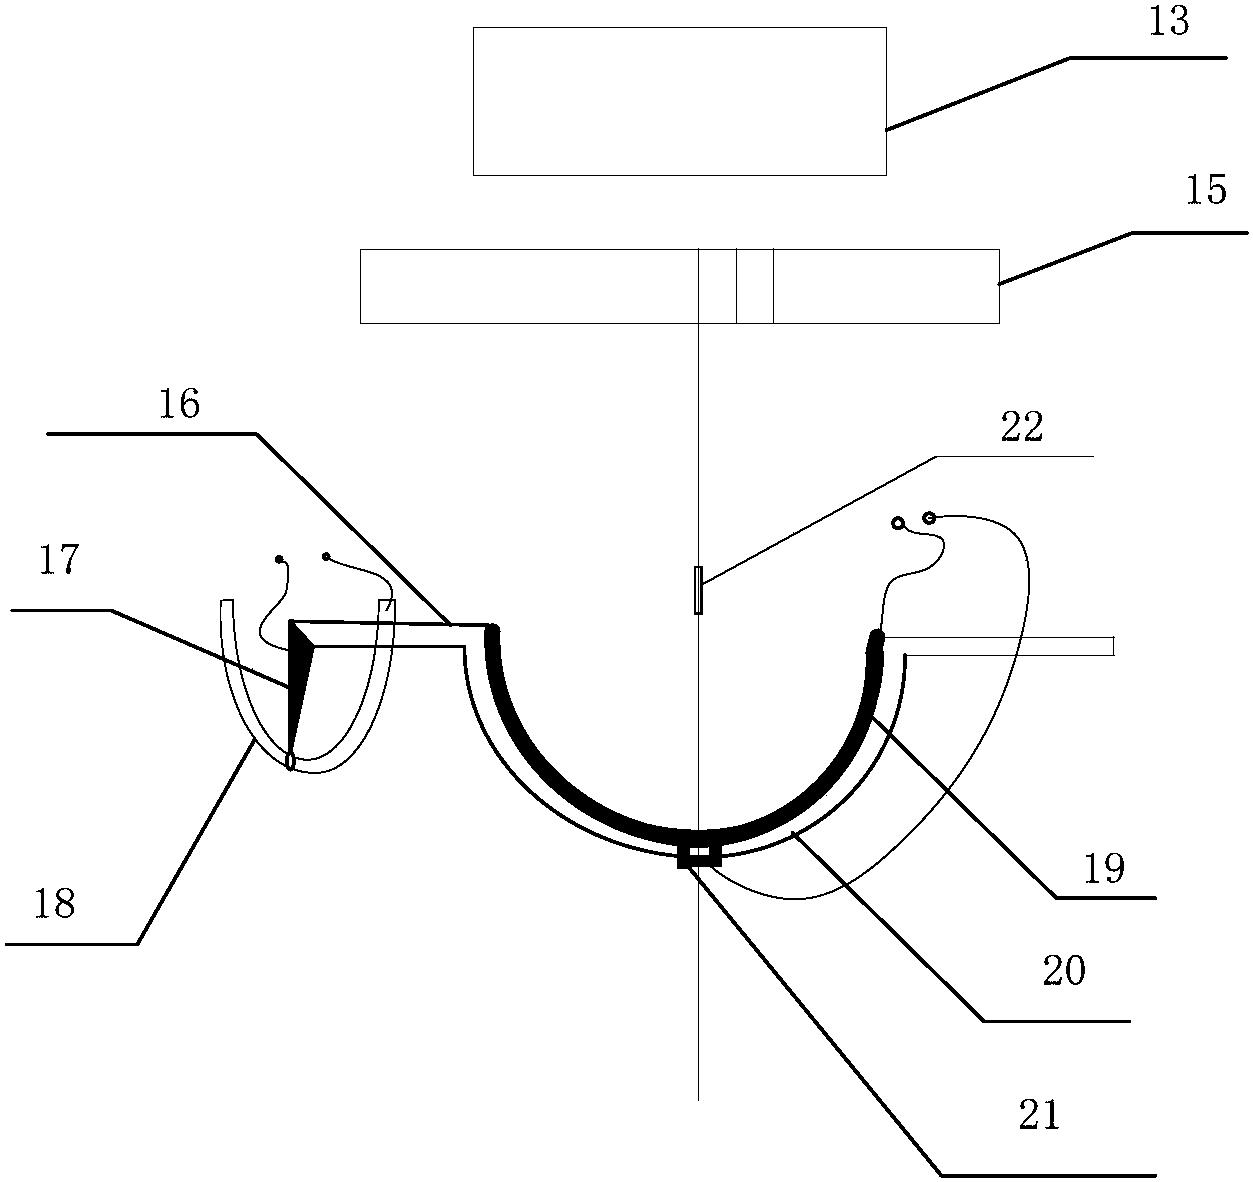 简笔画 设计图 手绘 线稿 1253_1182